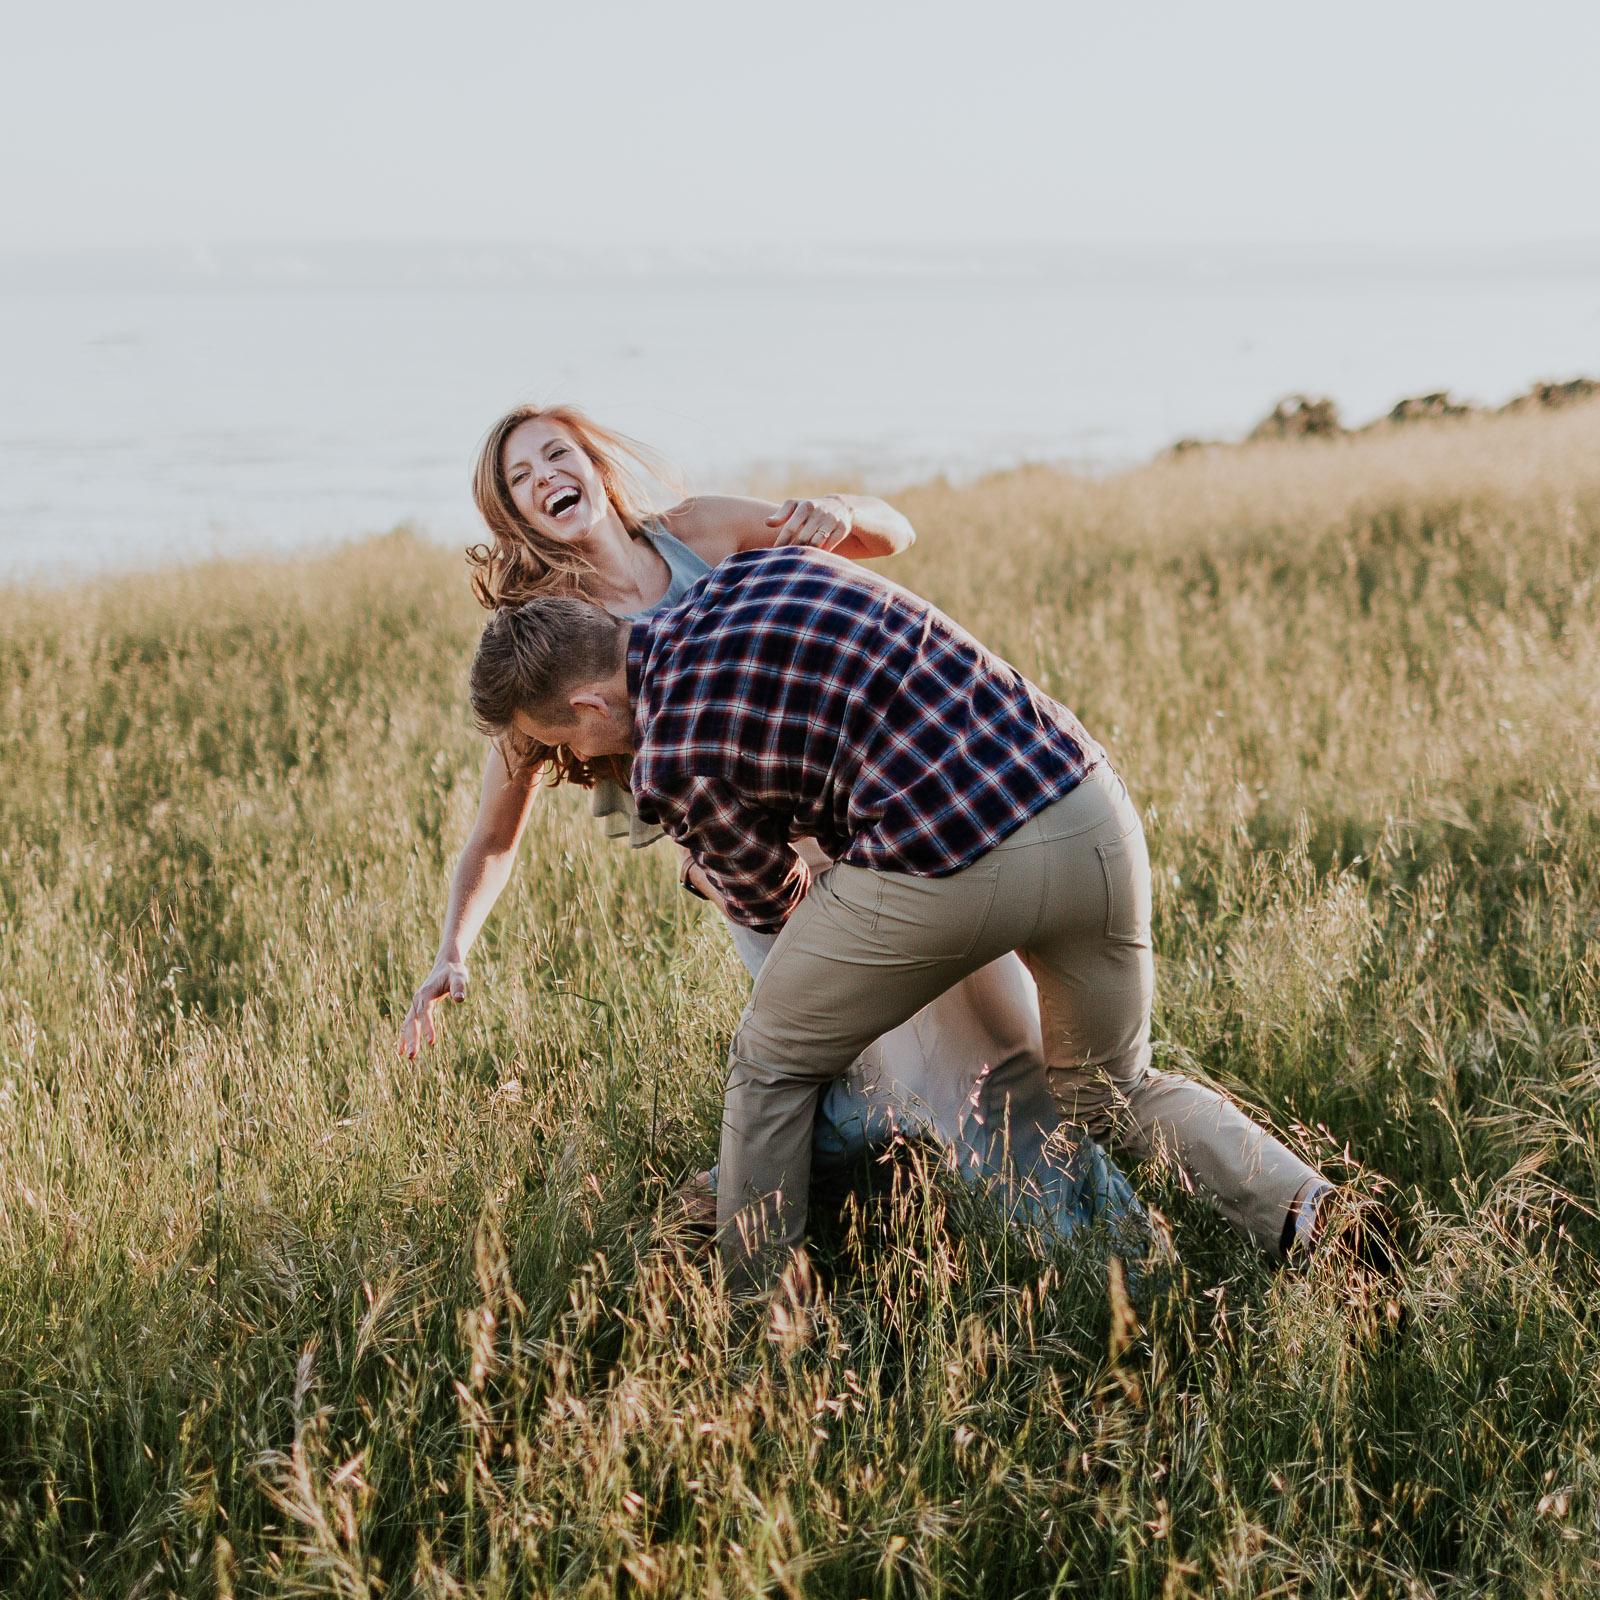 honeymoon adventure in big sur elopement photographer outdoor wedding honeymoon photos adventurous elopement photographer